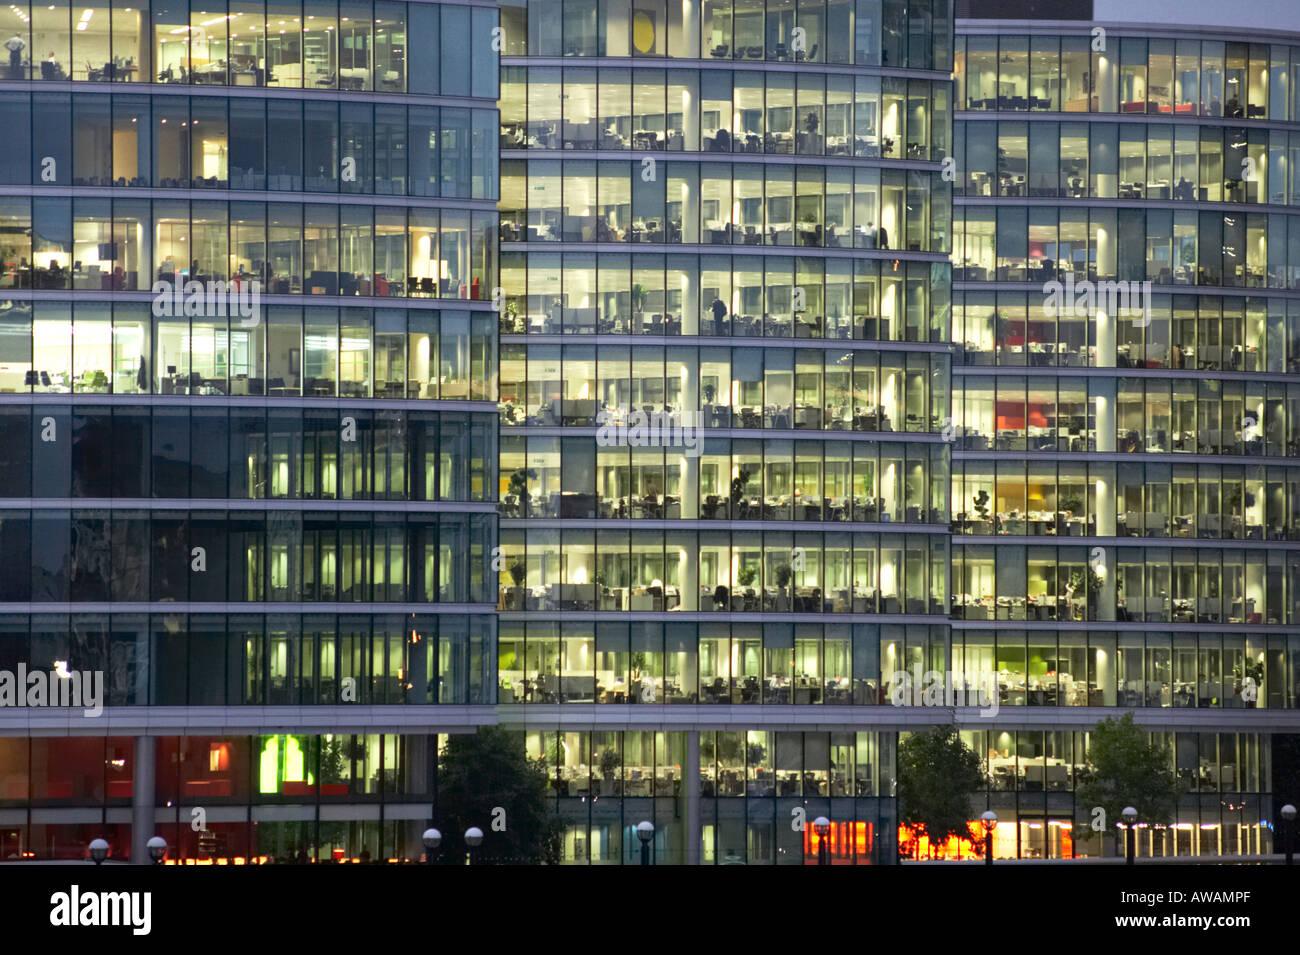 Morelondon bureau moderne en verre et acier en façade extérieure